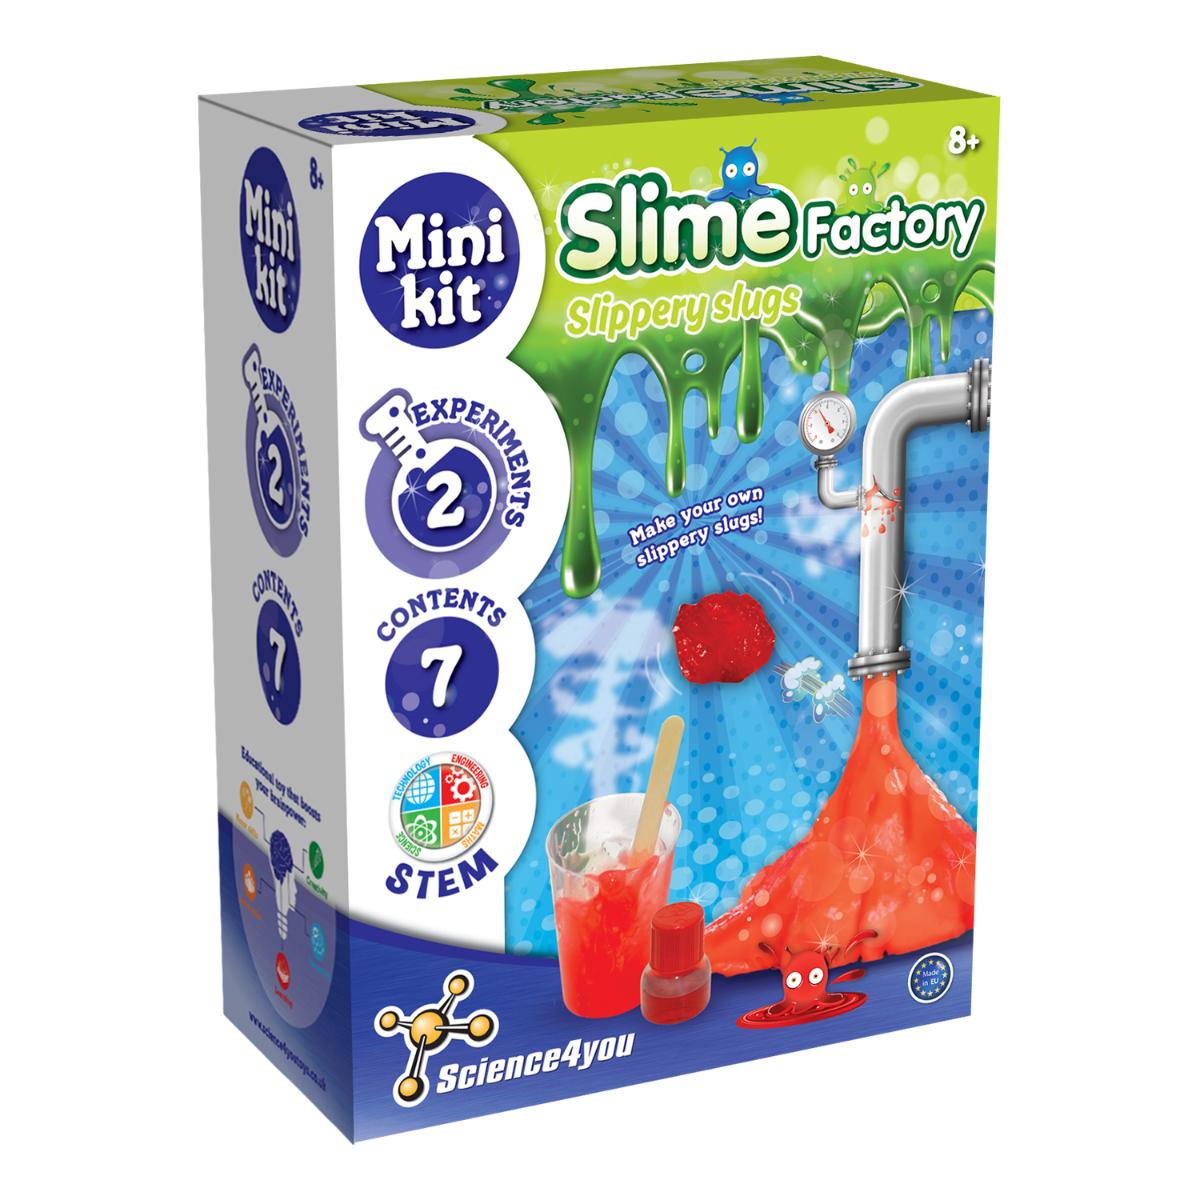 Mini kit de experimente Science4you - Fabrica de Slime